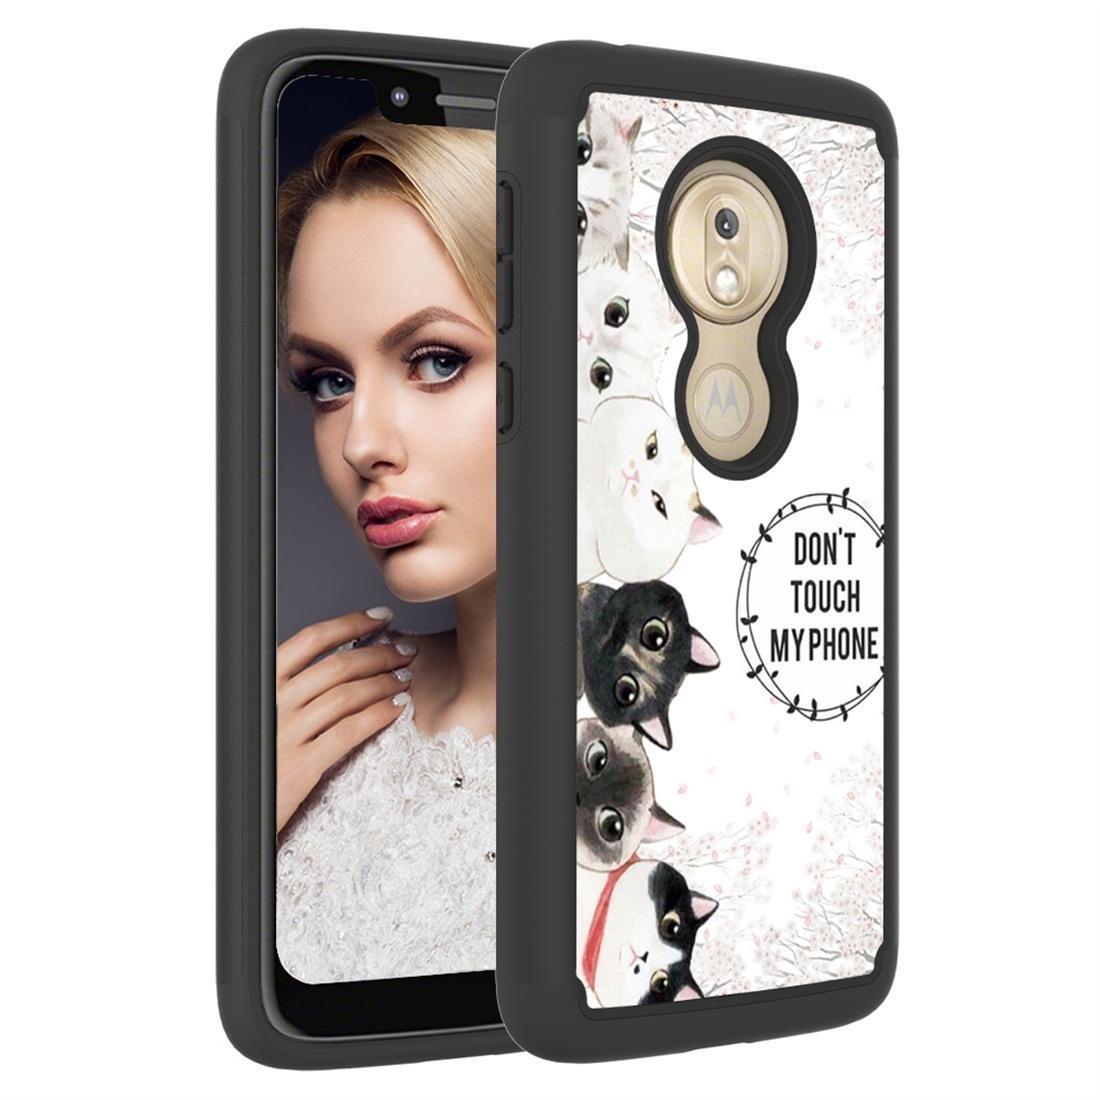 Dessin de couleur Motif PC + TPU Housse de protection pour Motorola Moto G7 Jouer version US